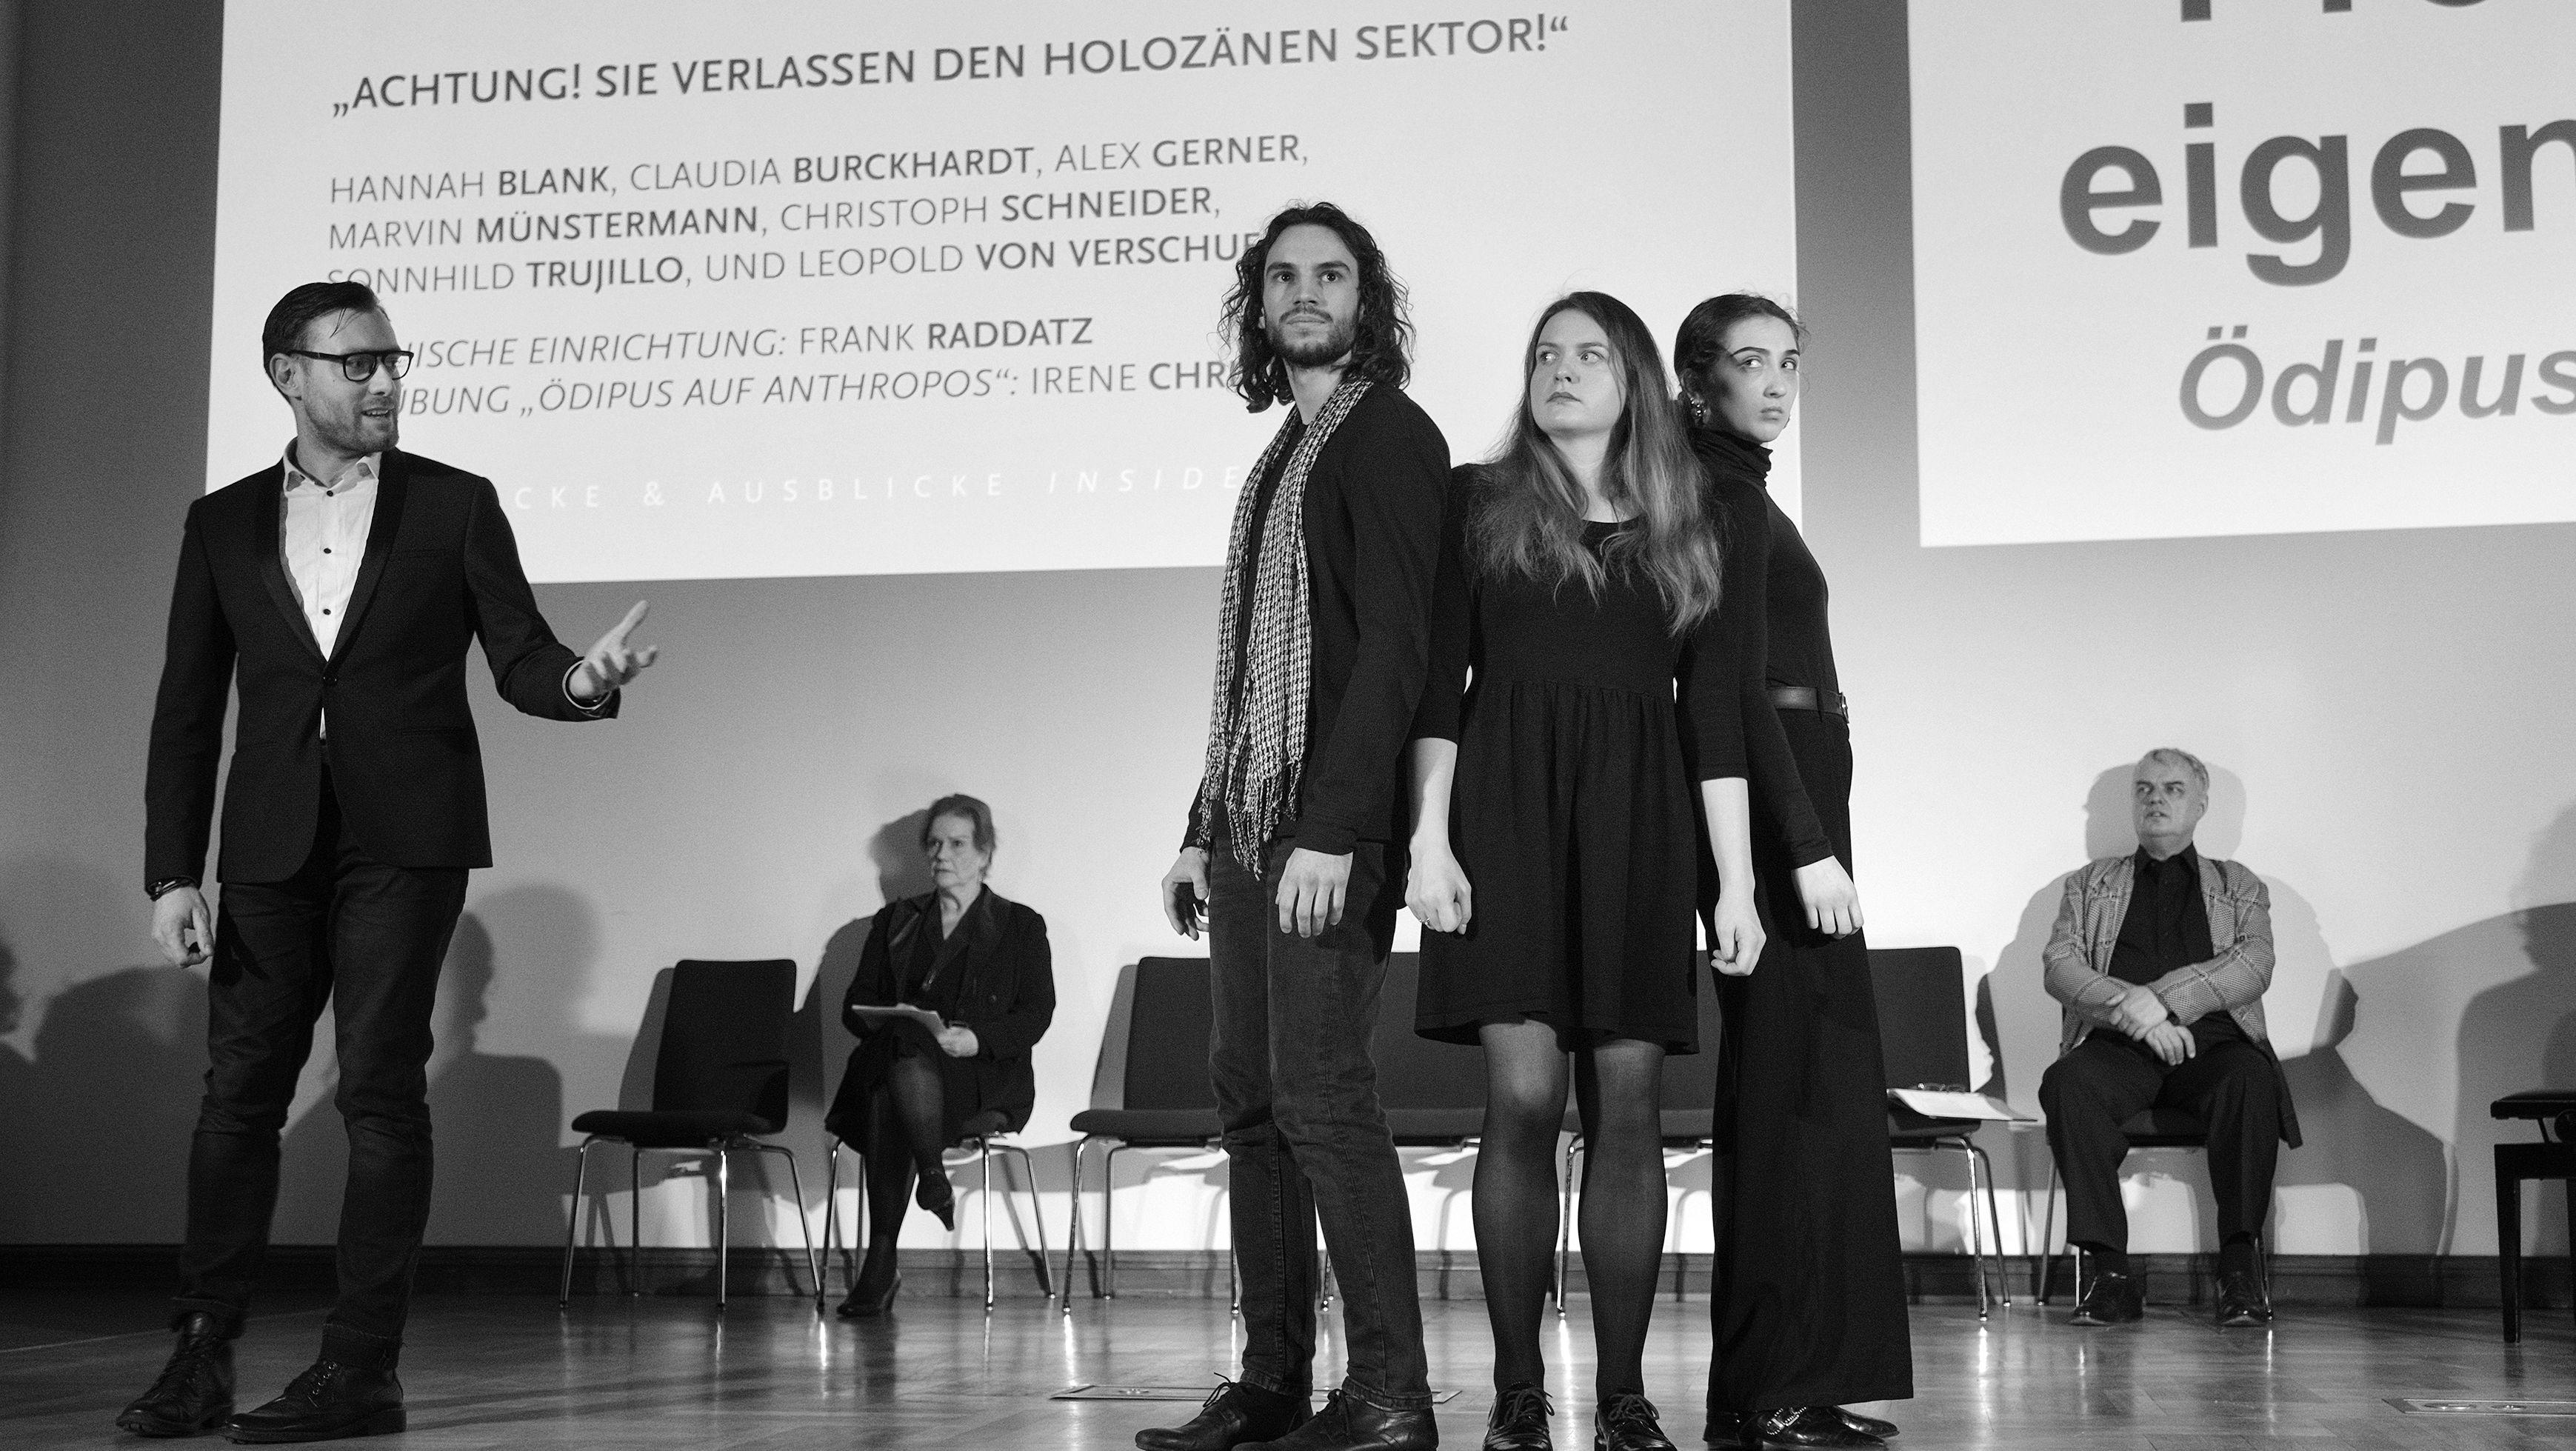 Schwarzweißaufnahme einer Bühne, auf der im Vordergrund 2 Frauen und 2 Männer stehen, im Hintergund einige auf sühtlen sitzen.